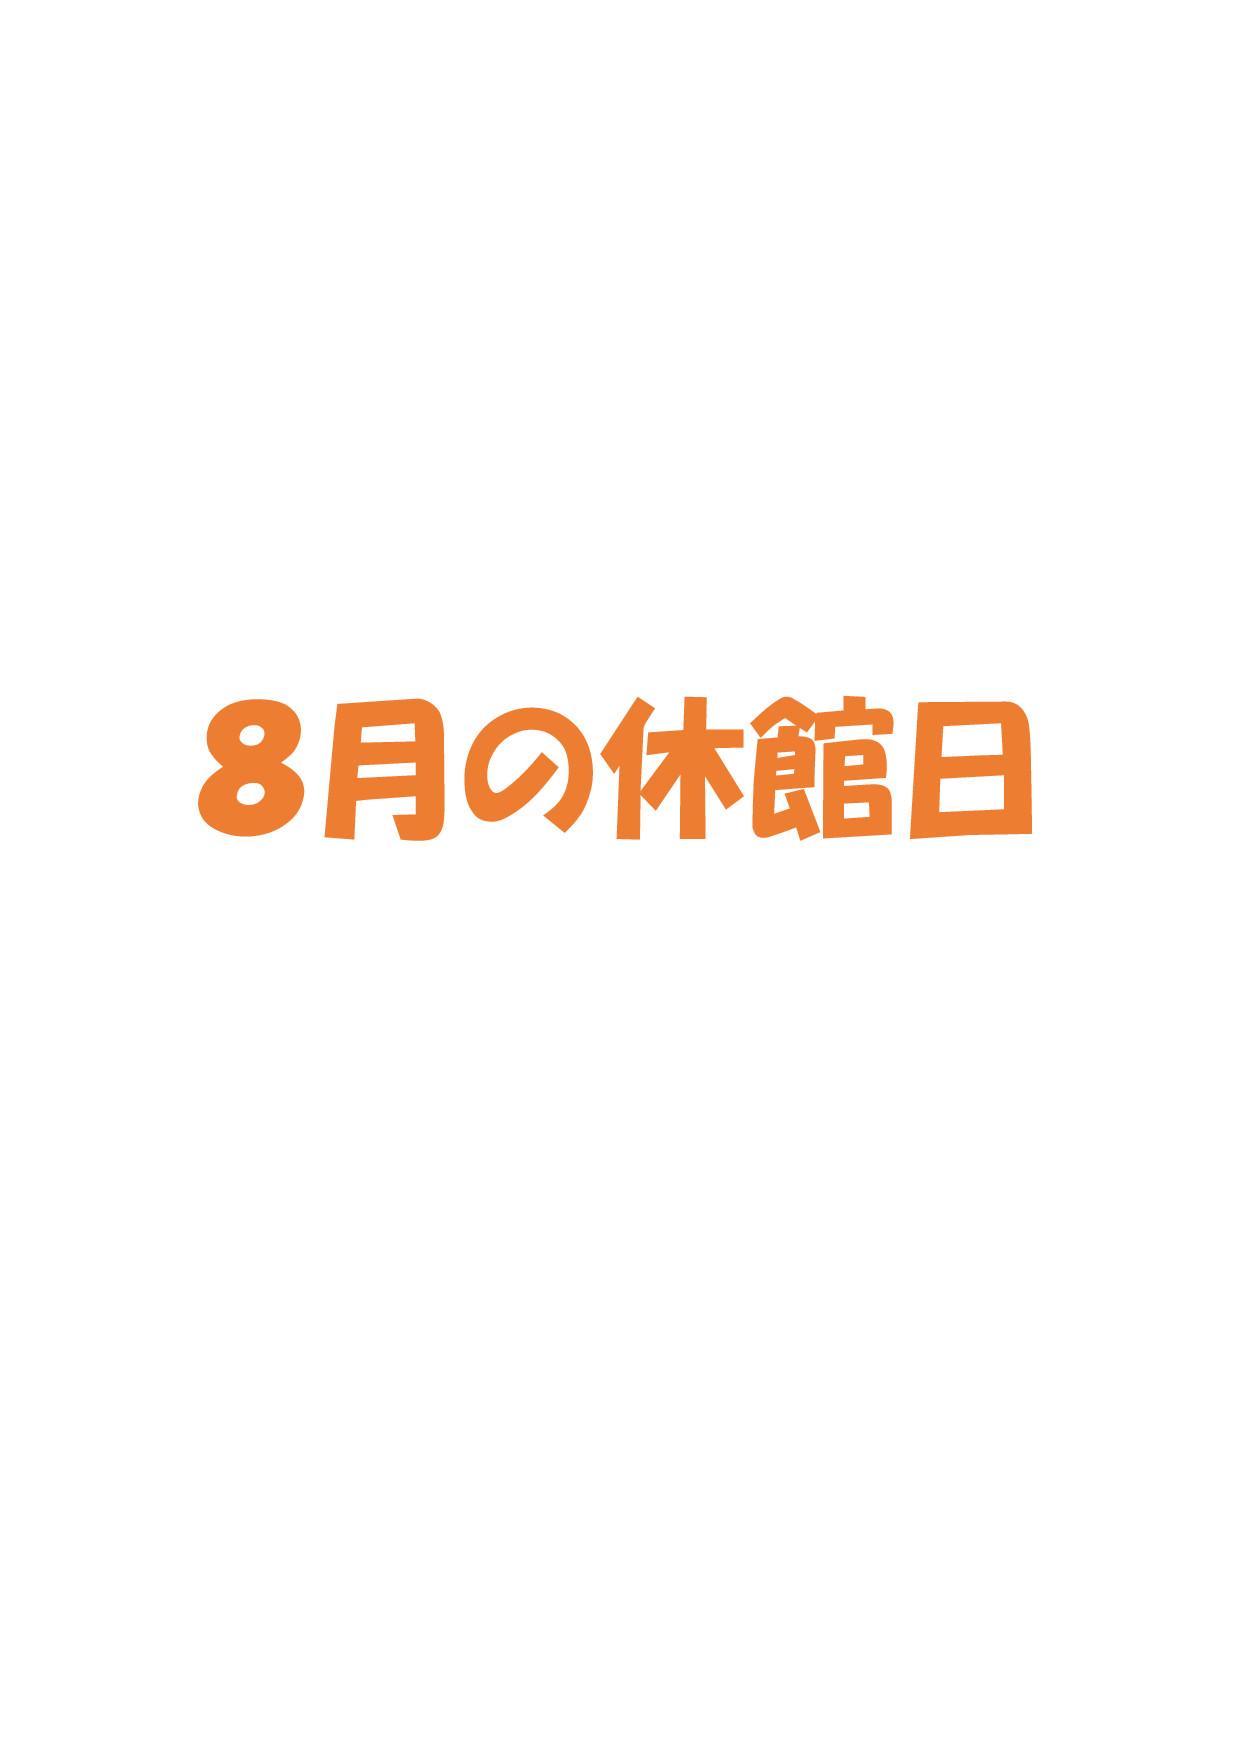 8月の休館日_p001